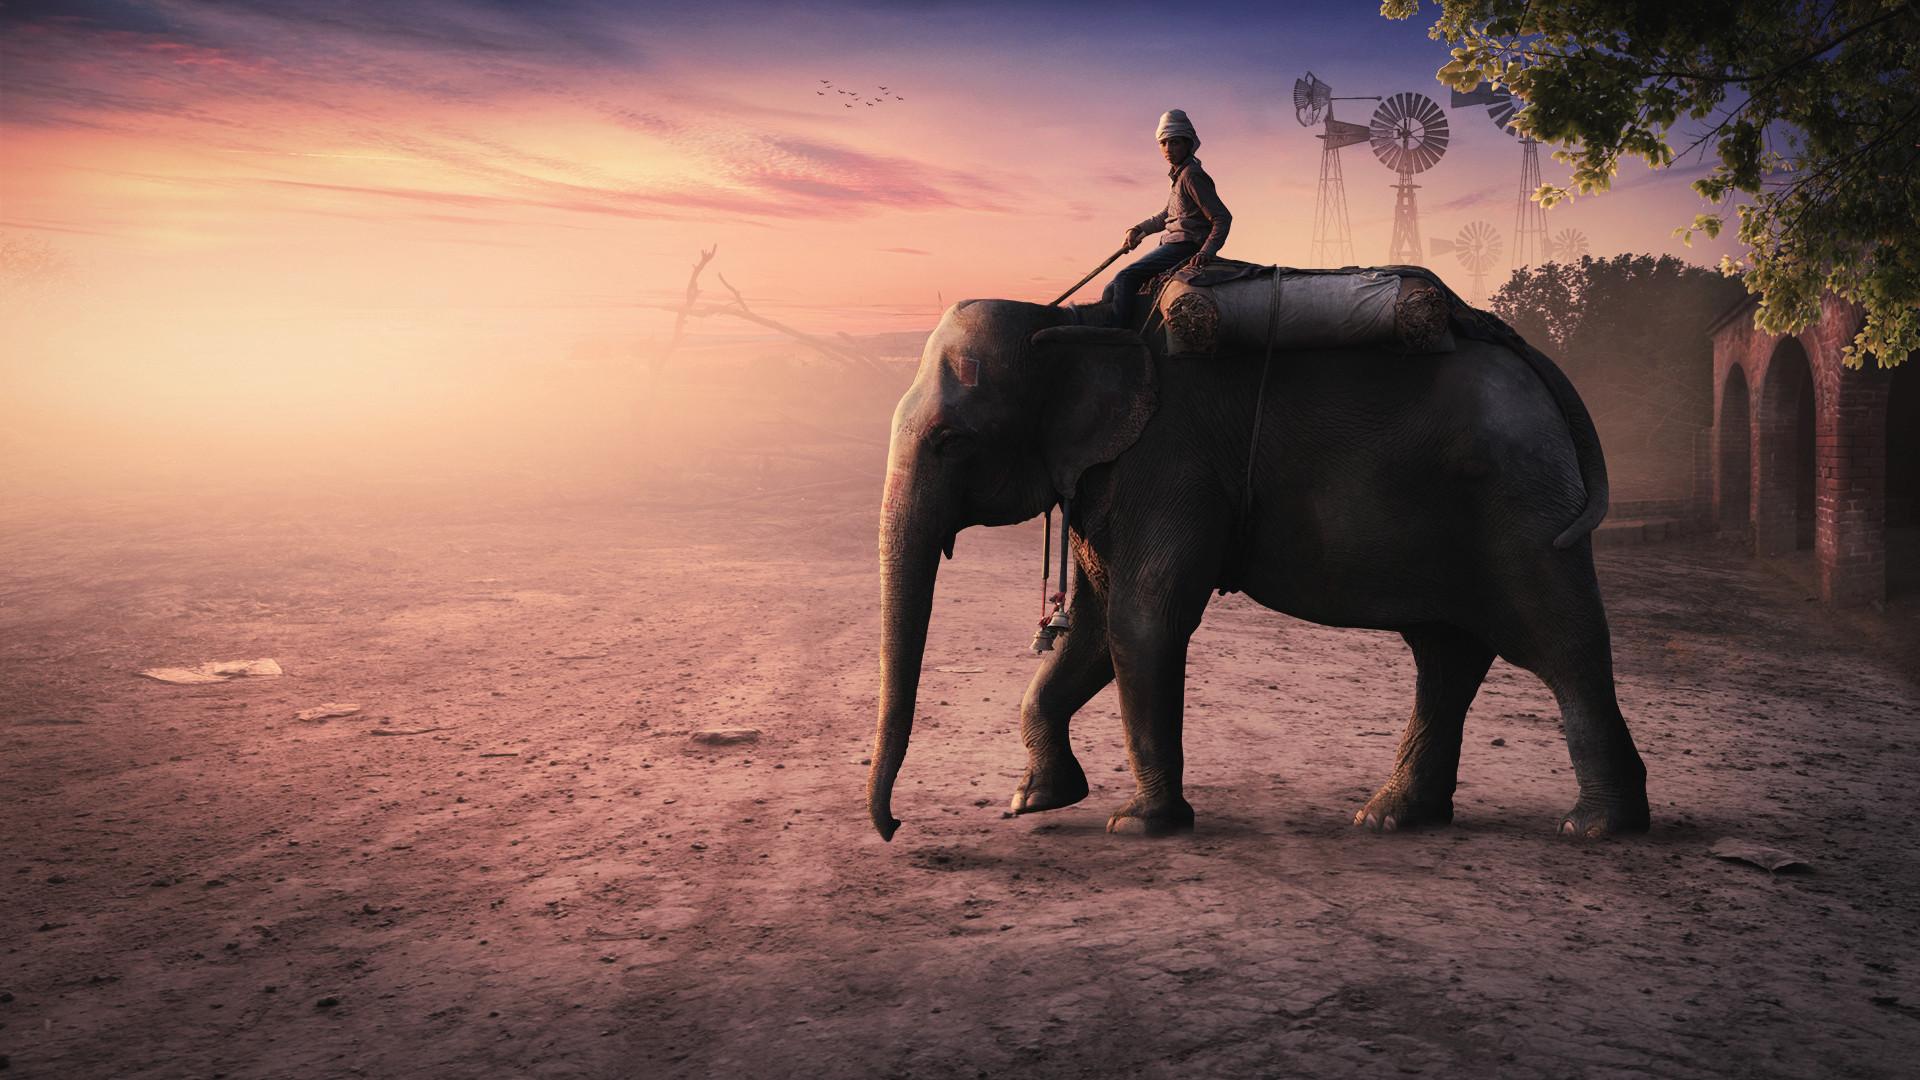 Res: 1920x1080, Elephant Man